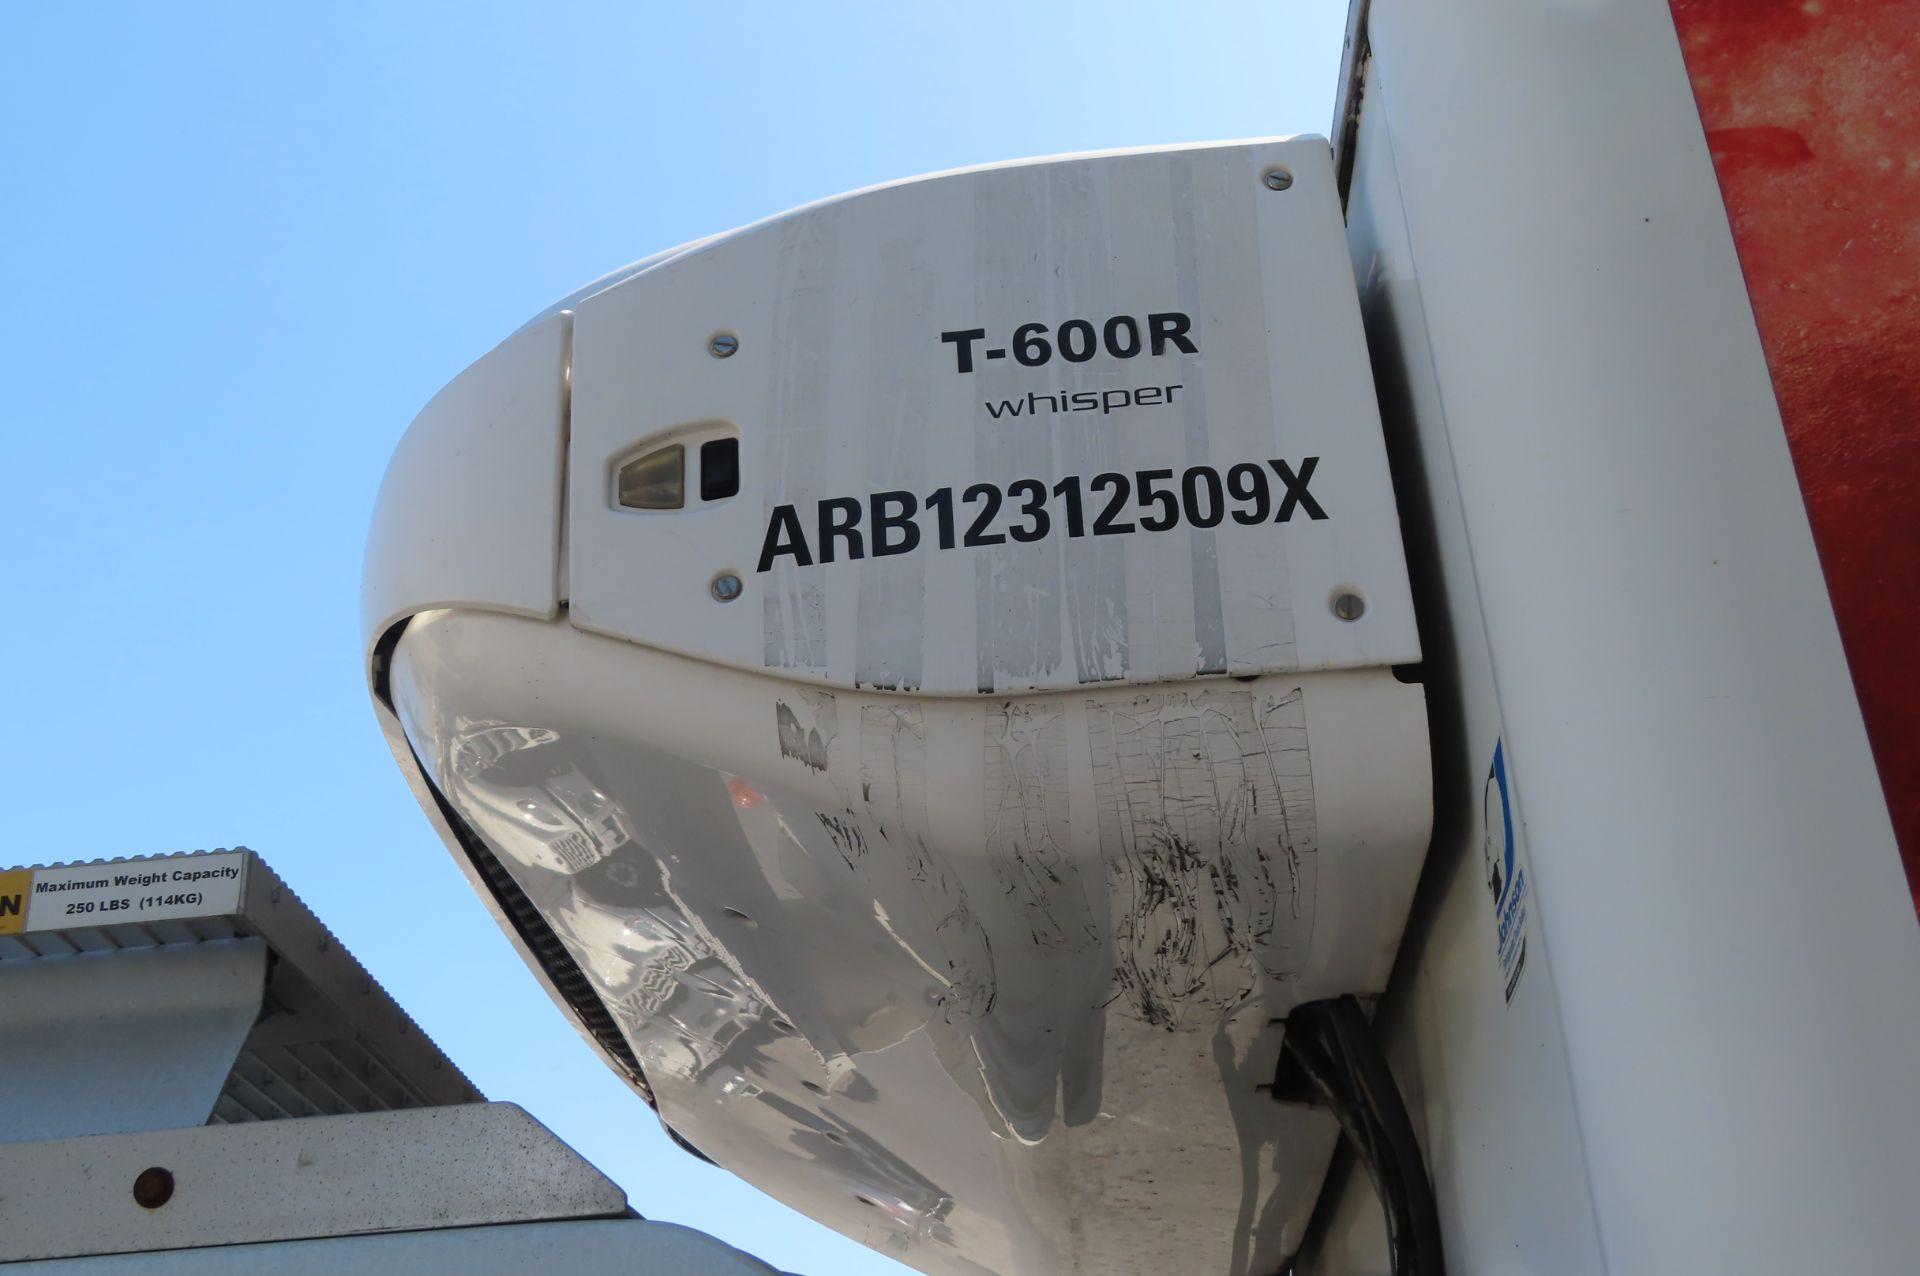 2012 Isuzu refrigerated truck - Image 8 of 10